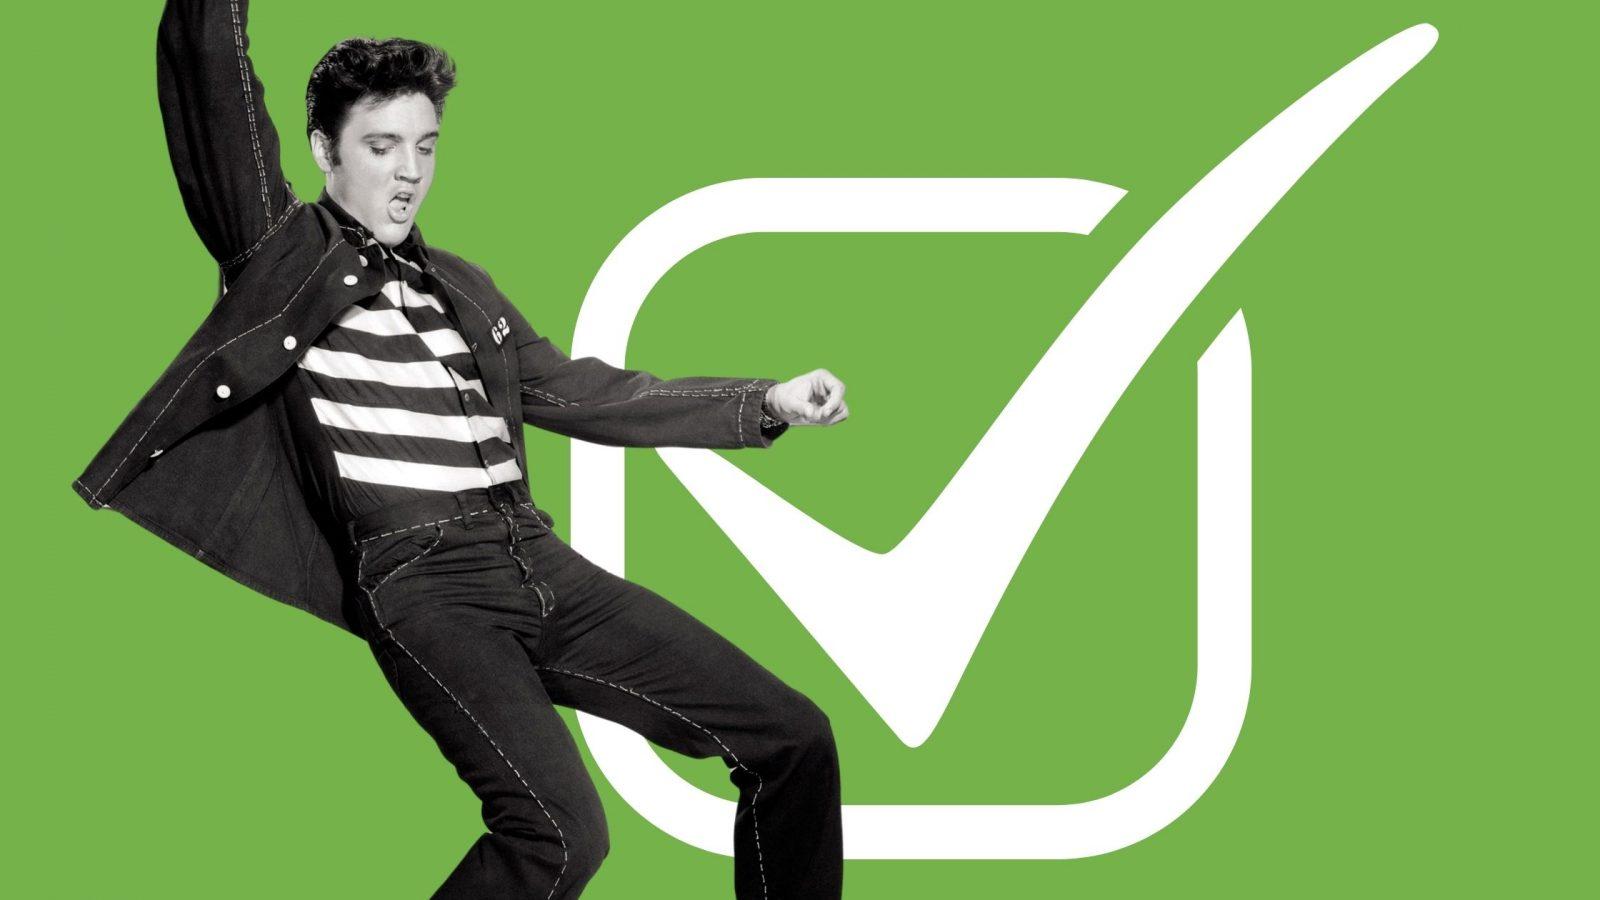 Action Elvis